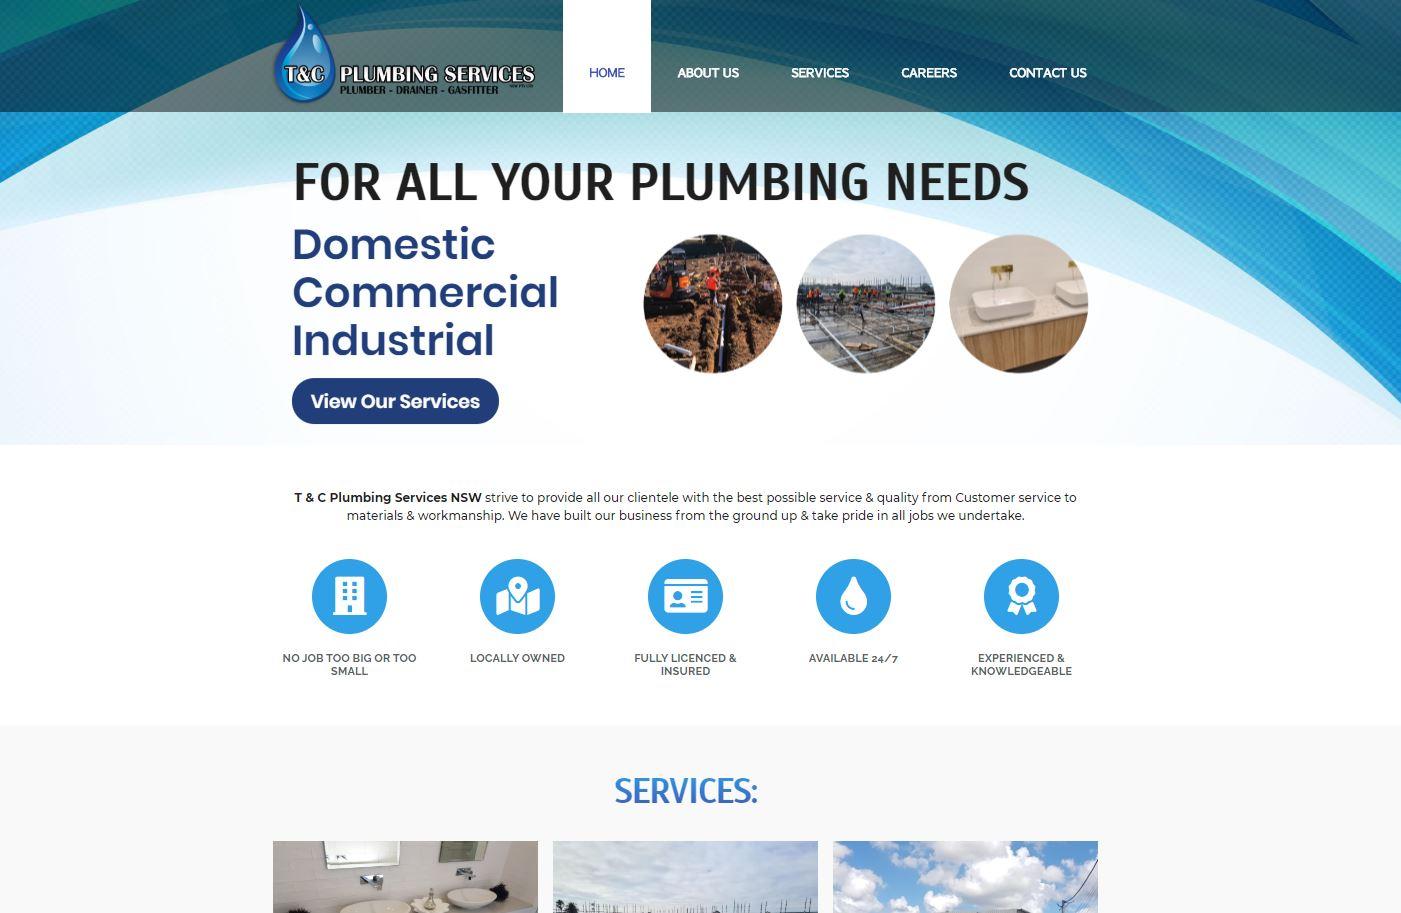 T & C Plumbing Services Website Design